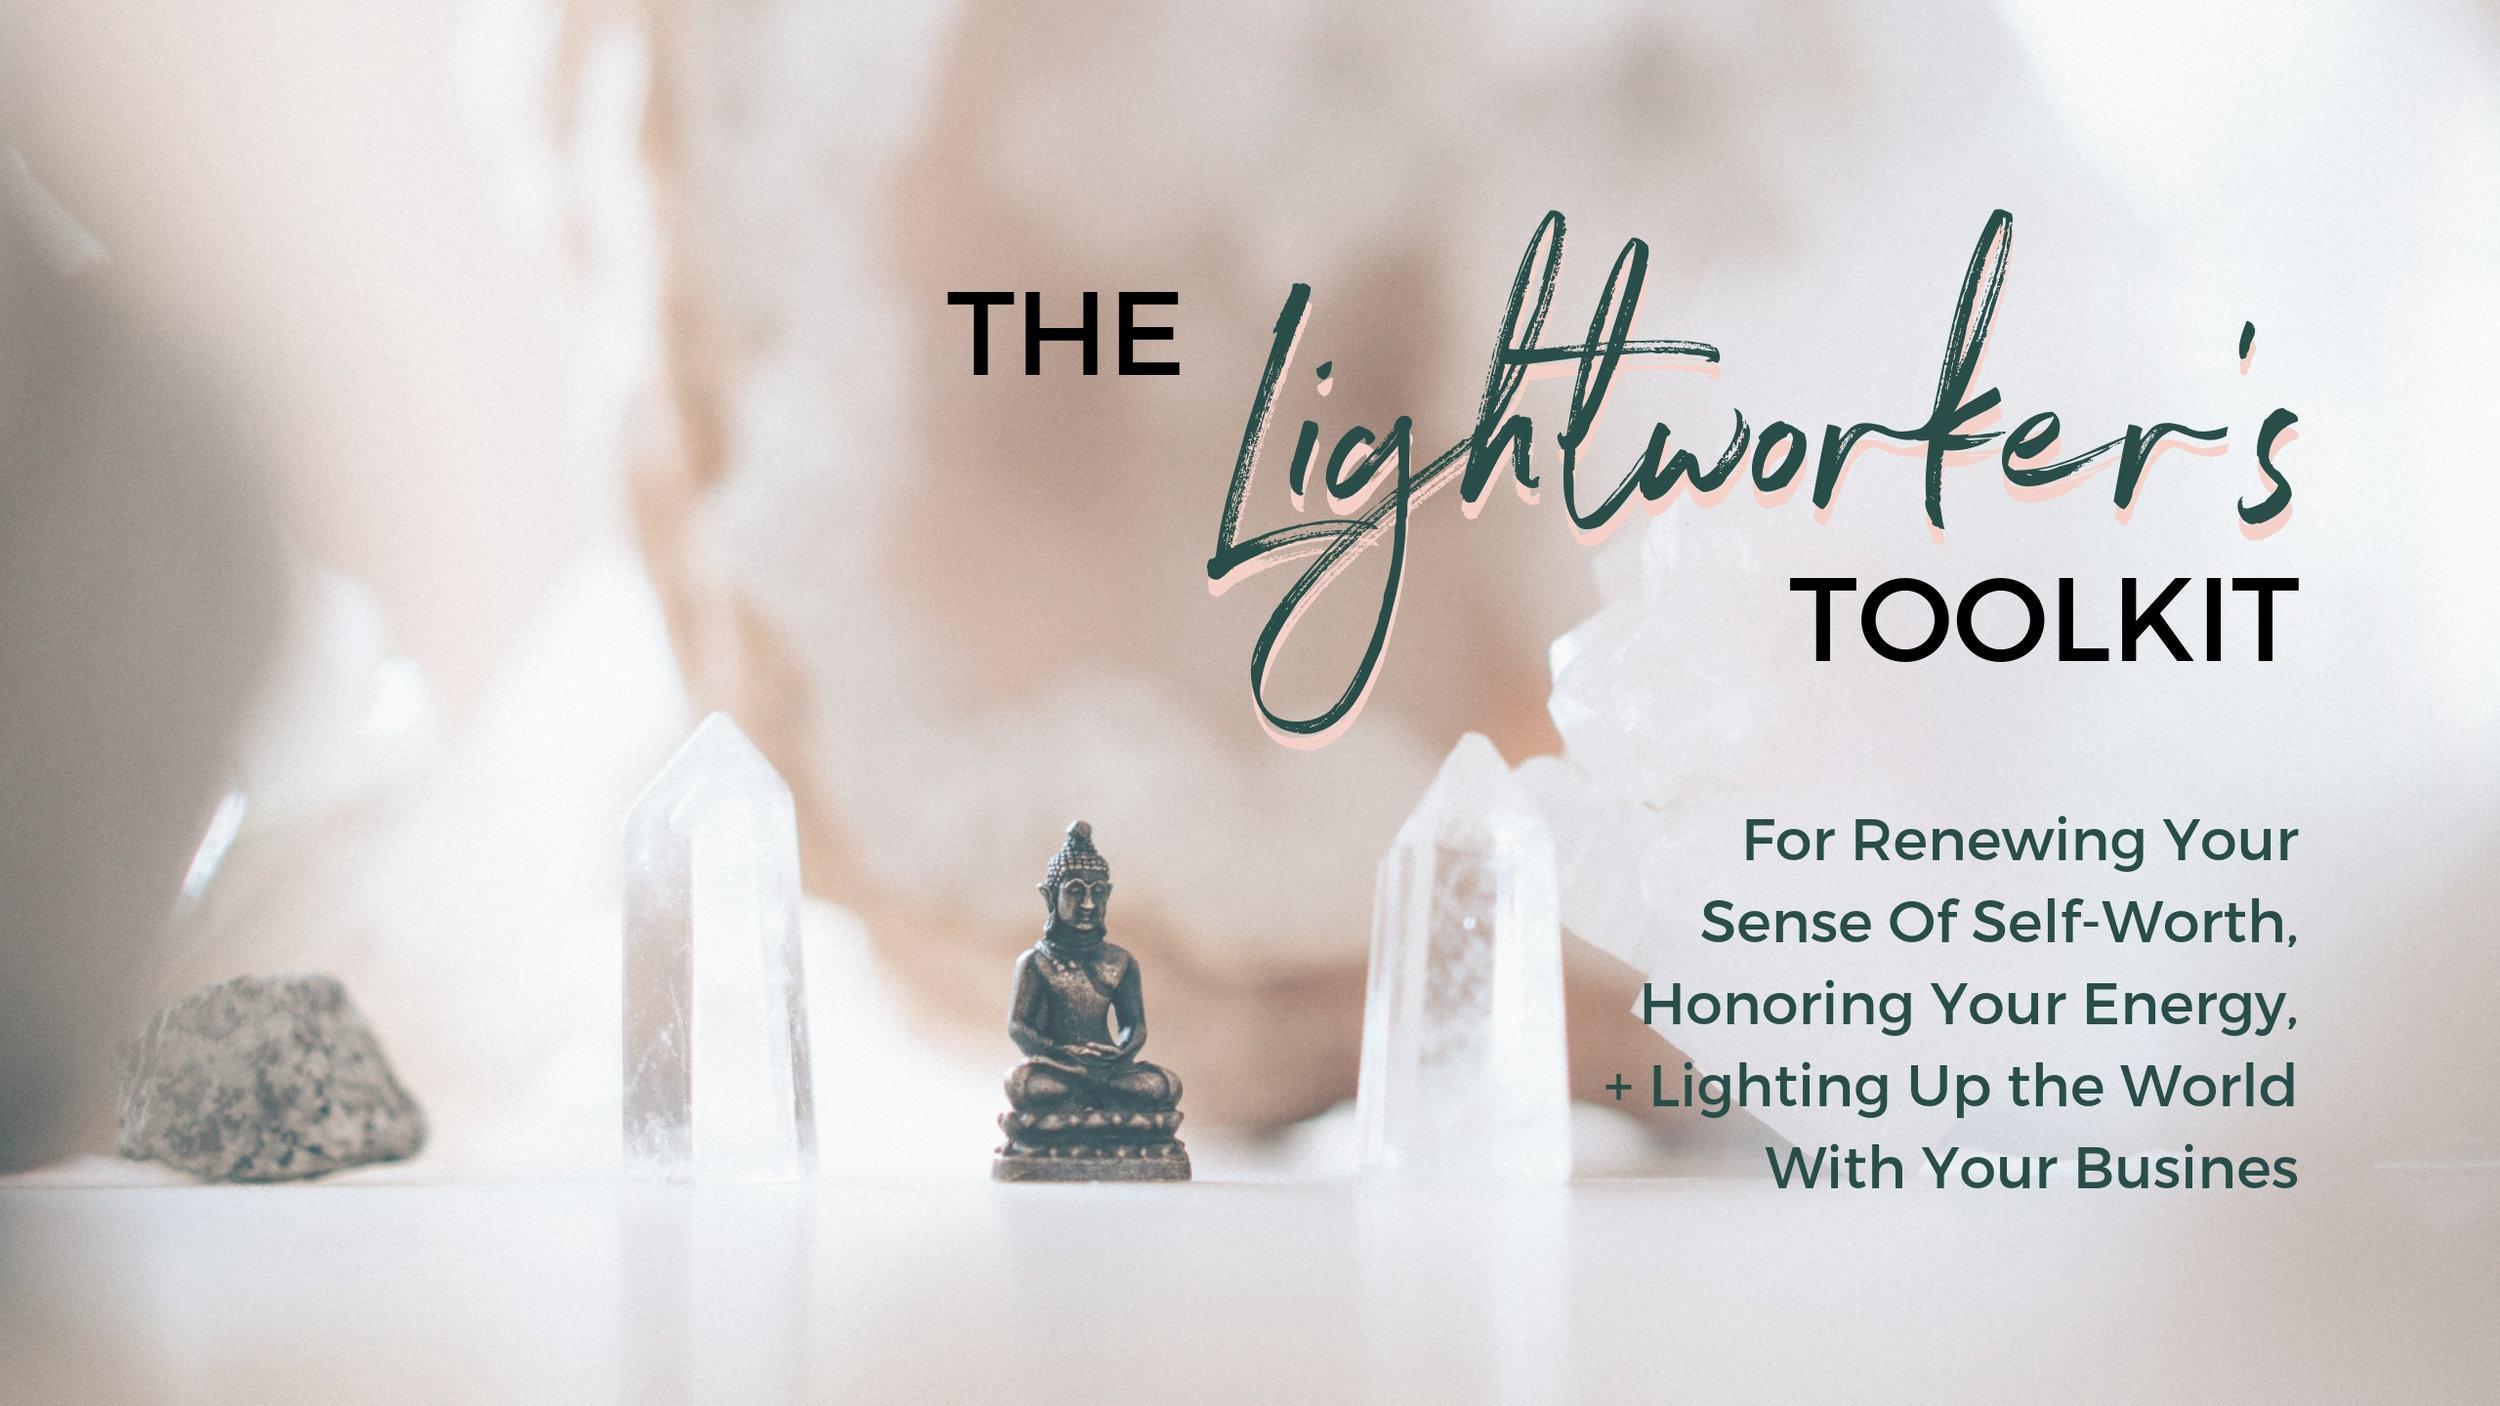 Lightworkers Toolkit Image.jpg